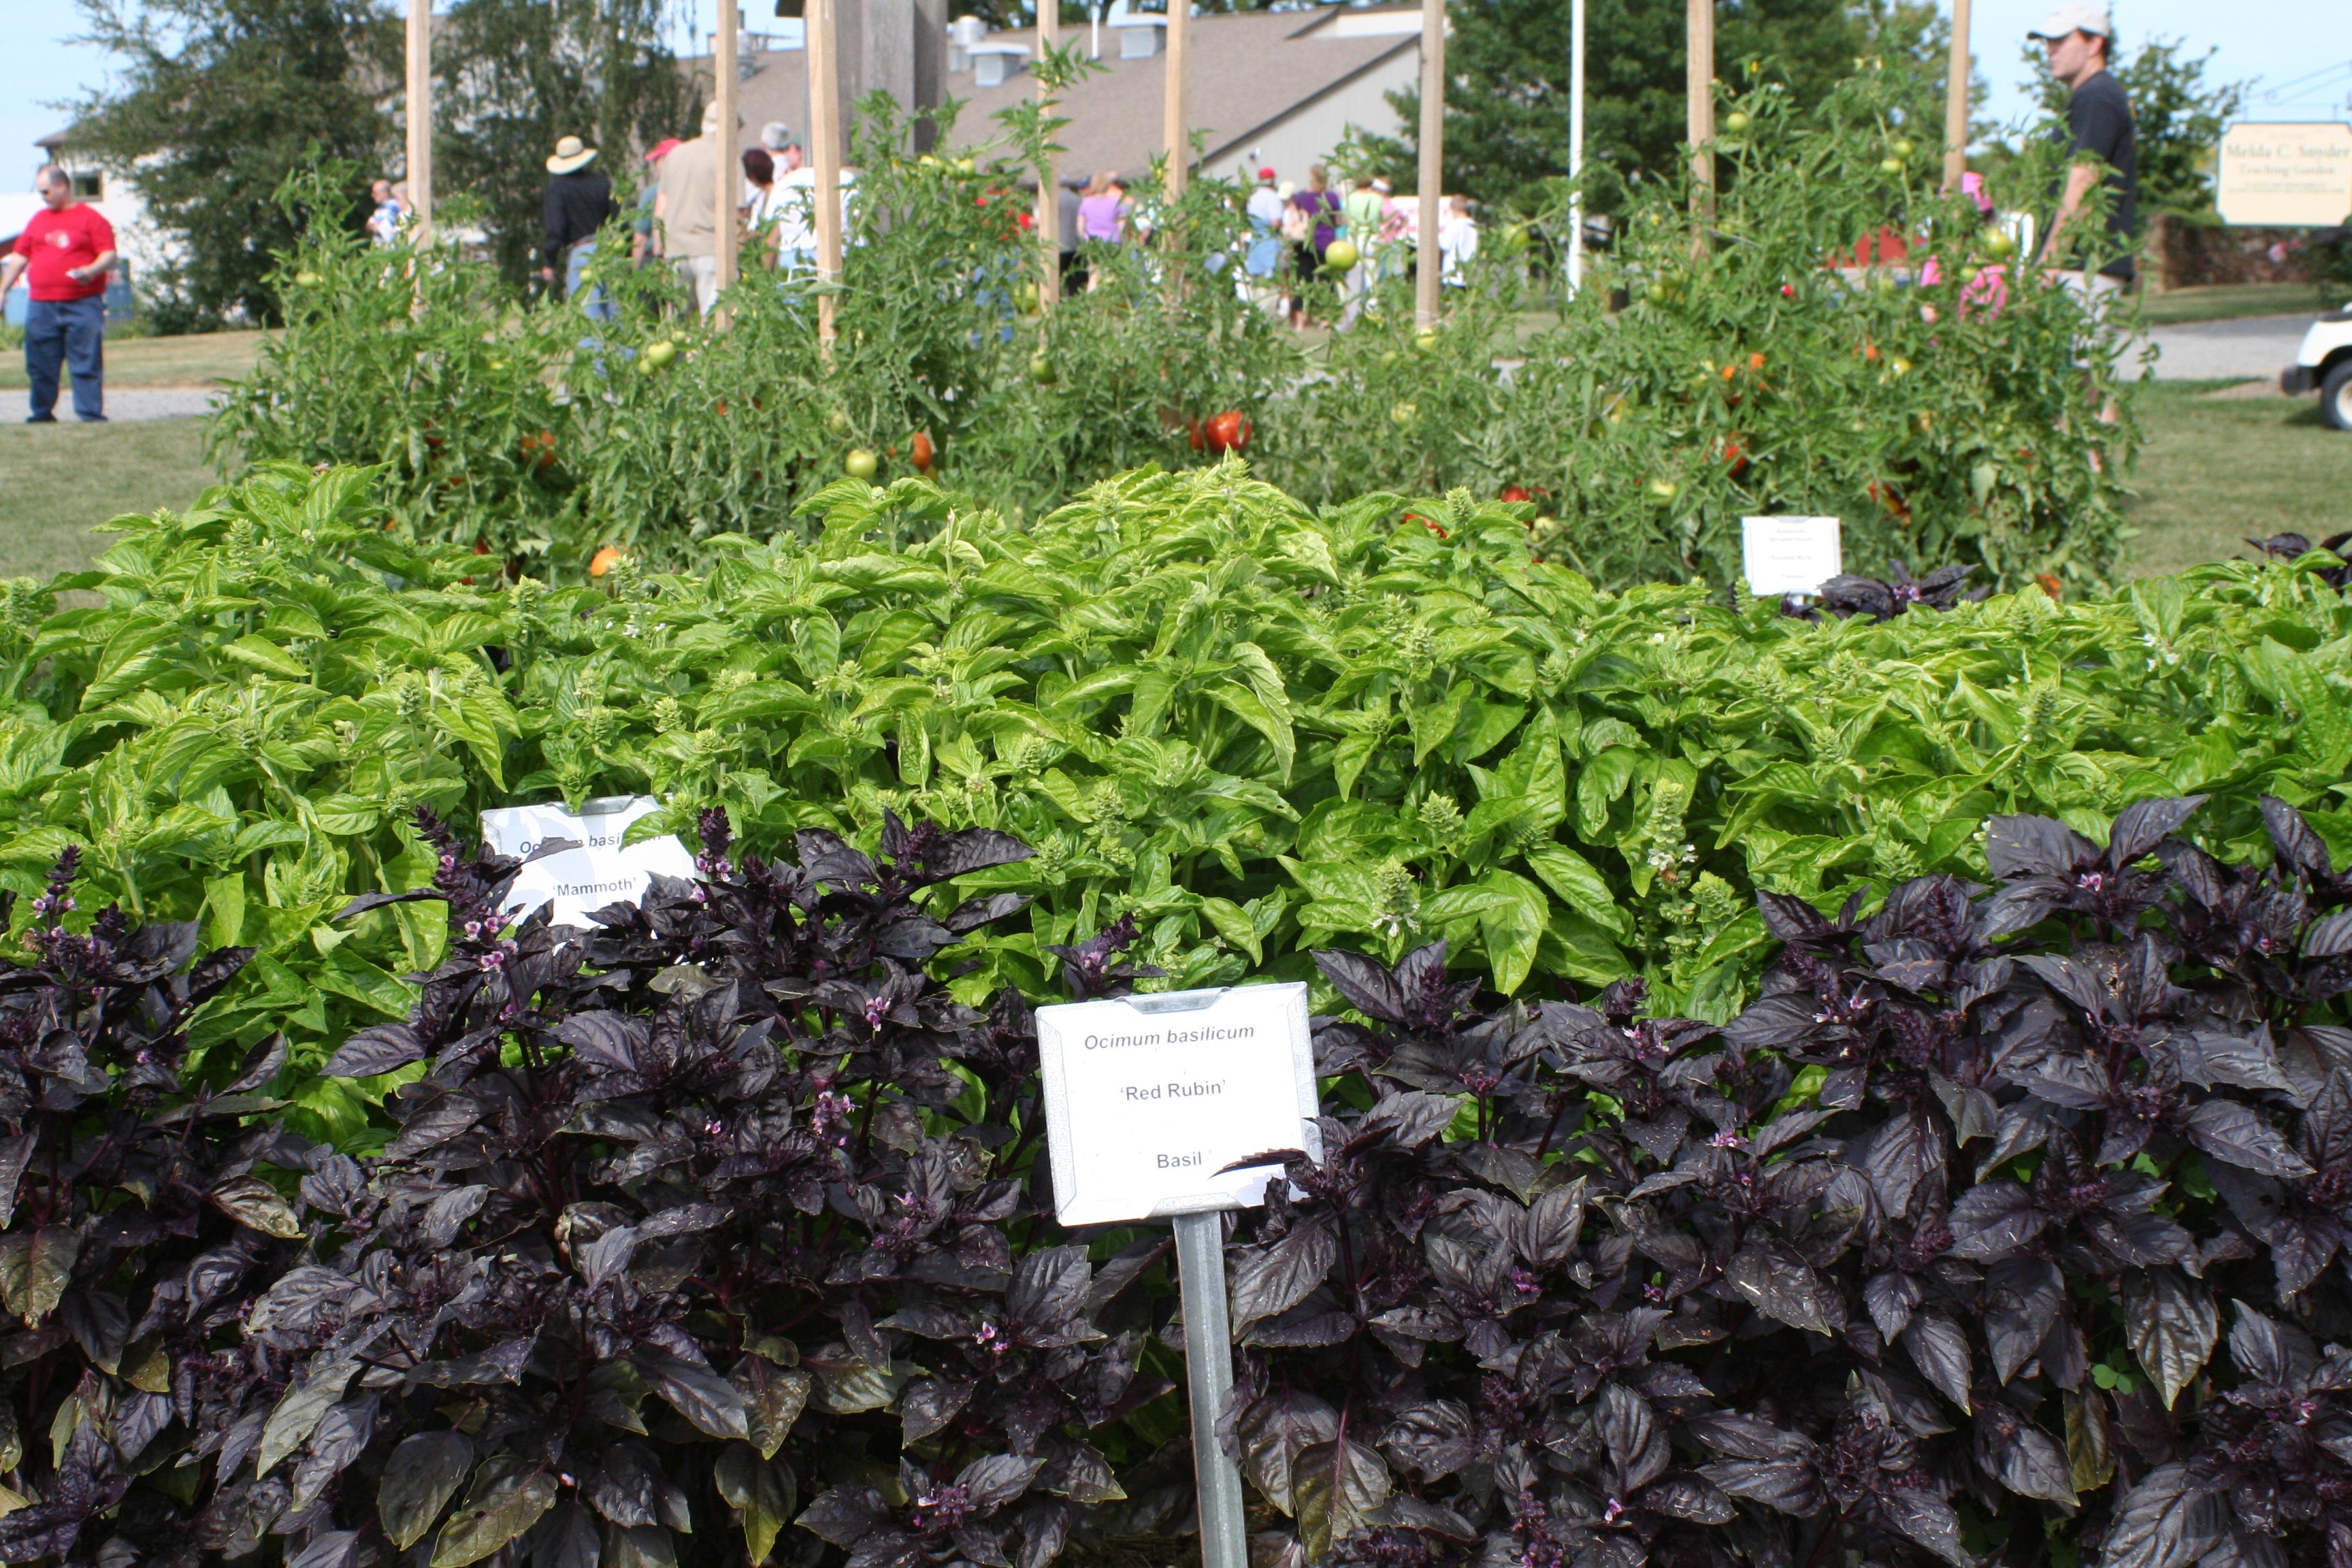 08-08-27 Snyder Farm Tomato Tasting 042